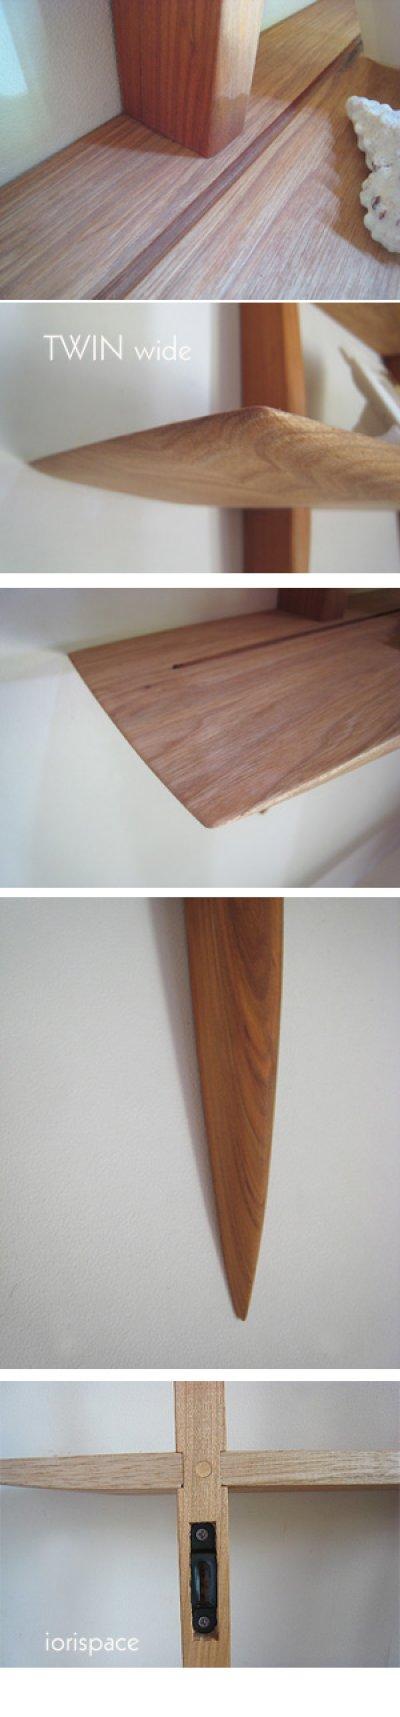 """画像2: 【送料無料】木製壁掛棚/ウォールシェルフ/""""TWIN wide""""ツイン ワイド"""